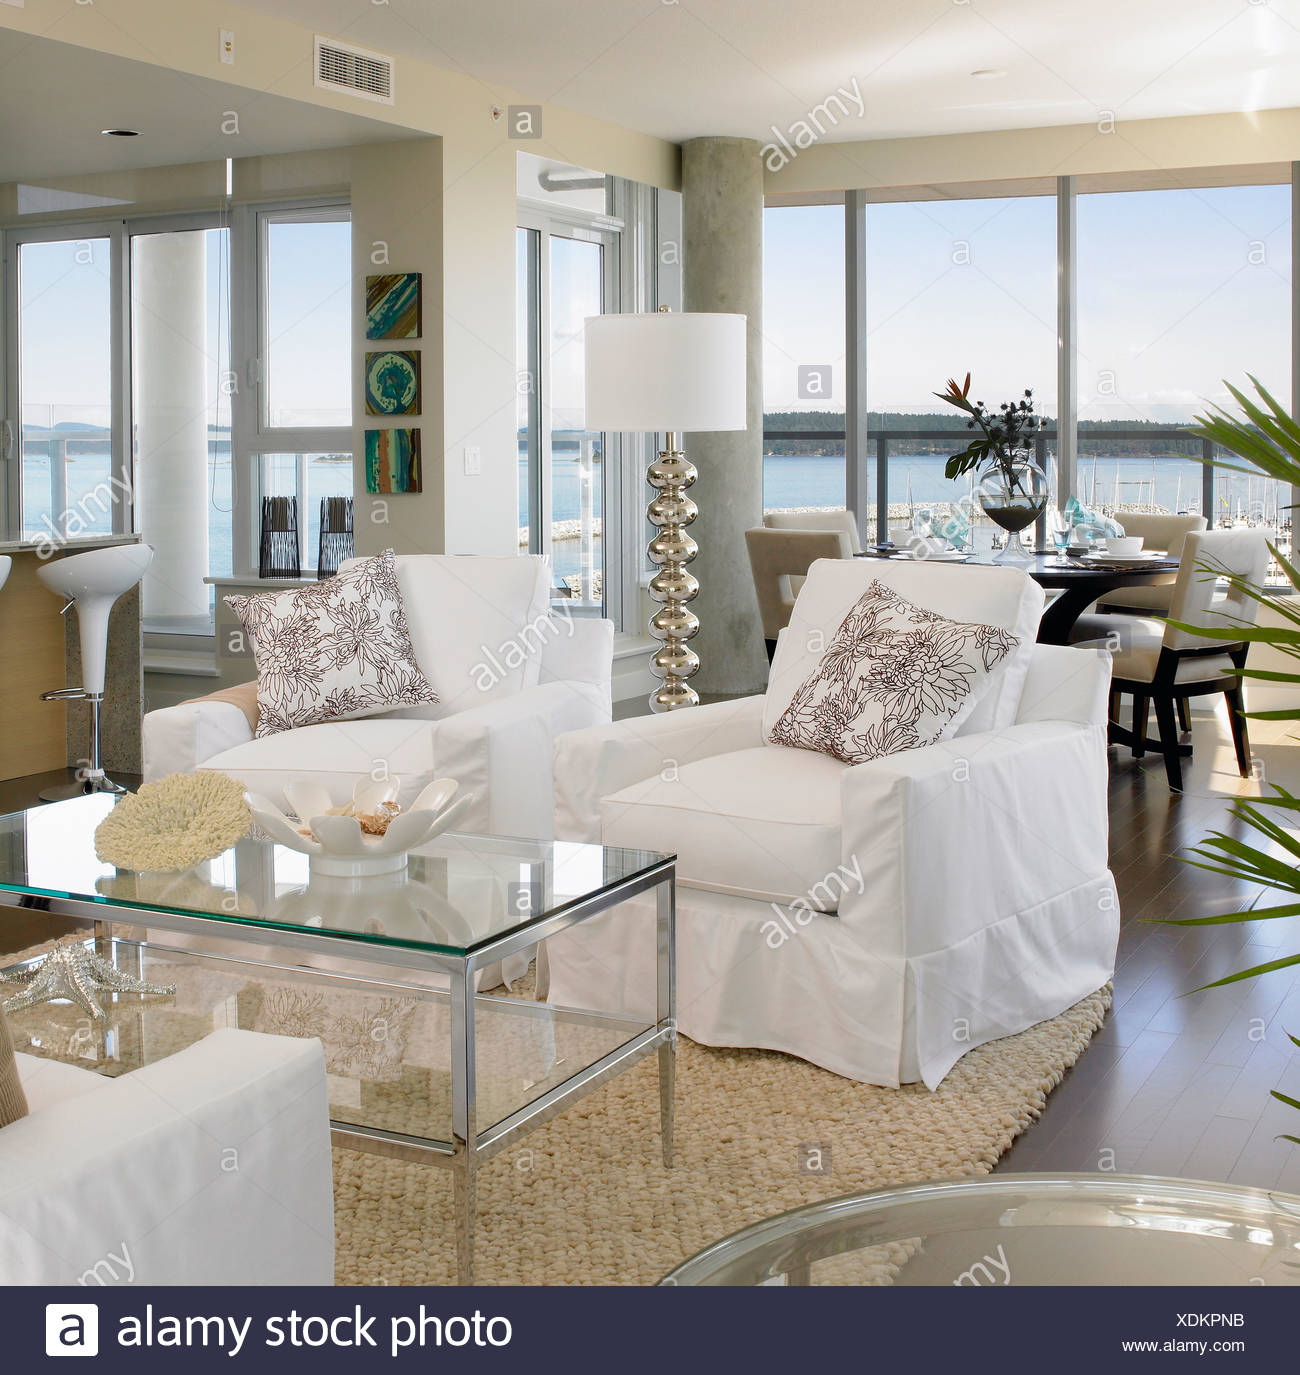 Soggiorno con mobili bianchi e vista mare in background Foto ...